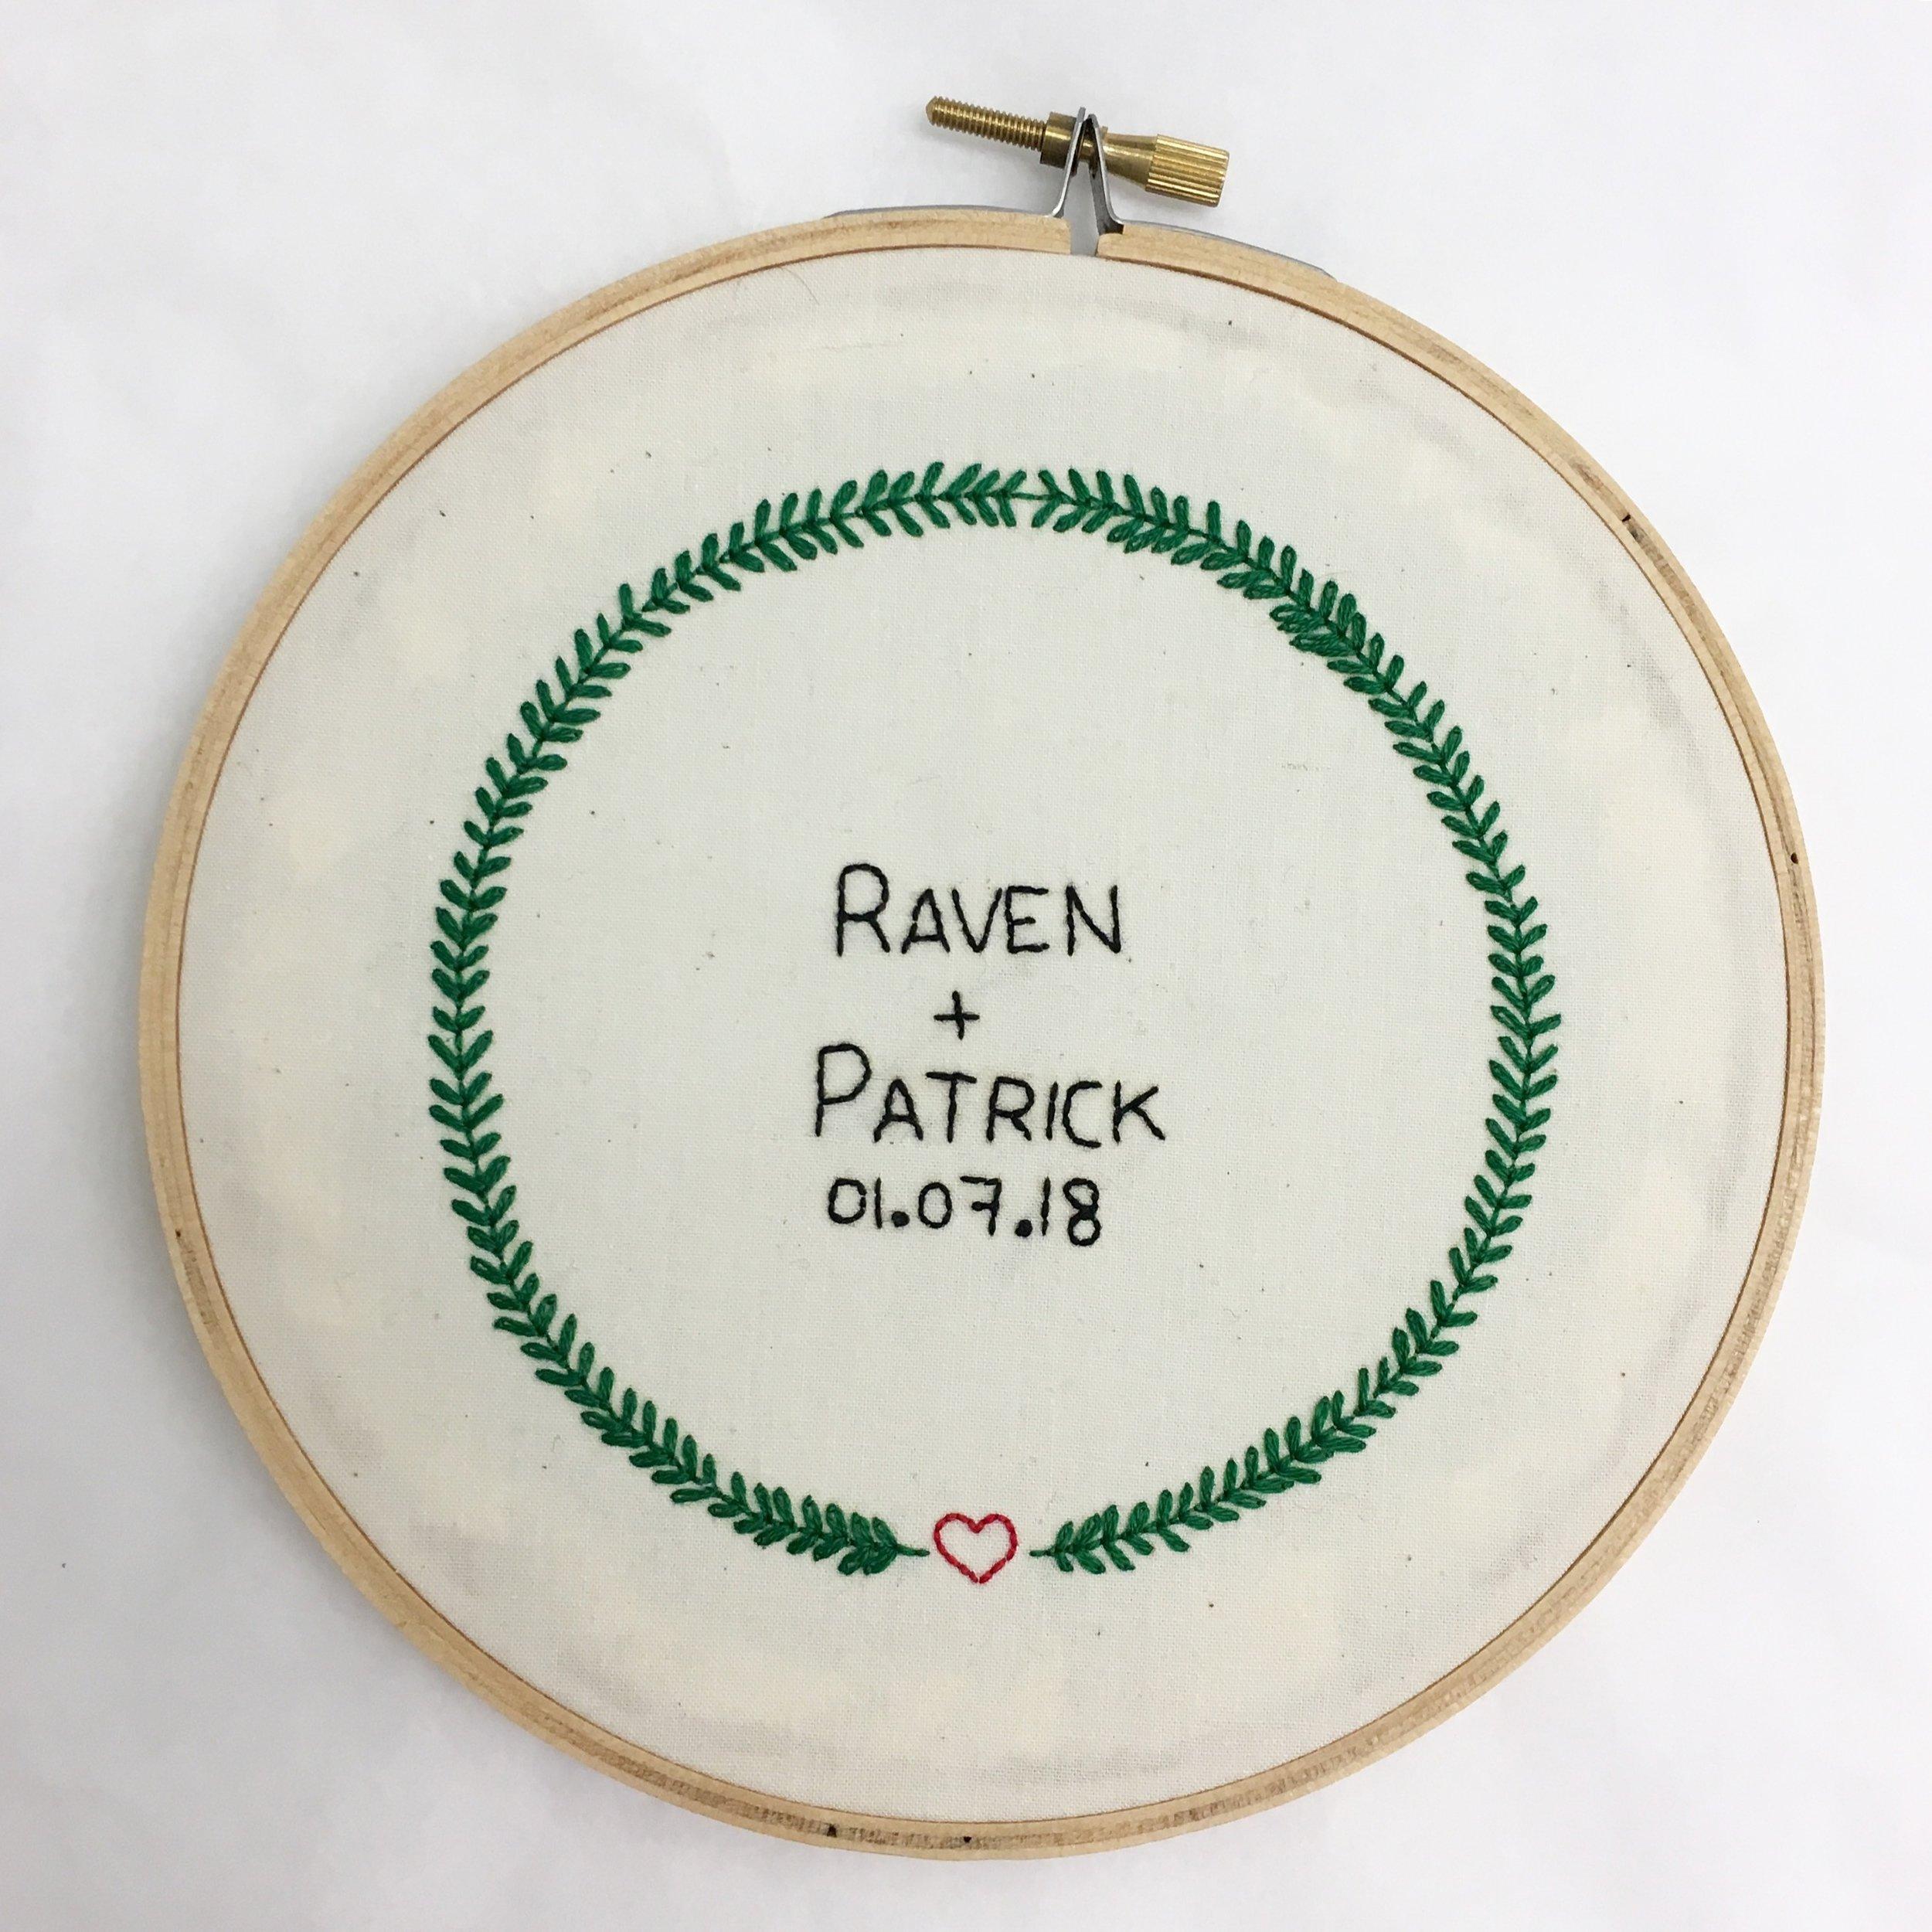 Raven + Patrick